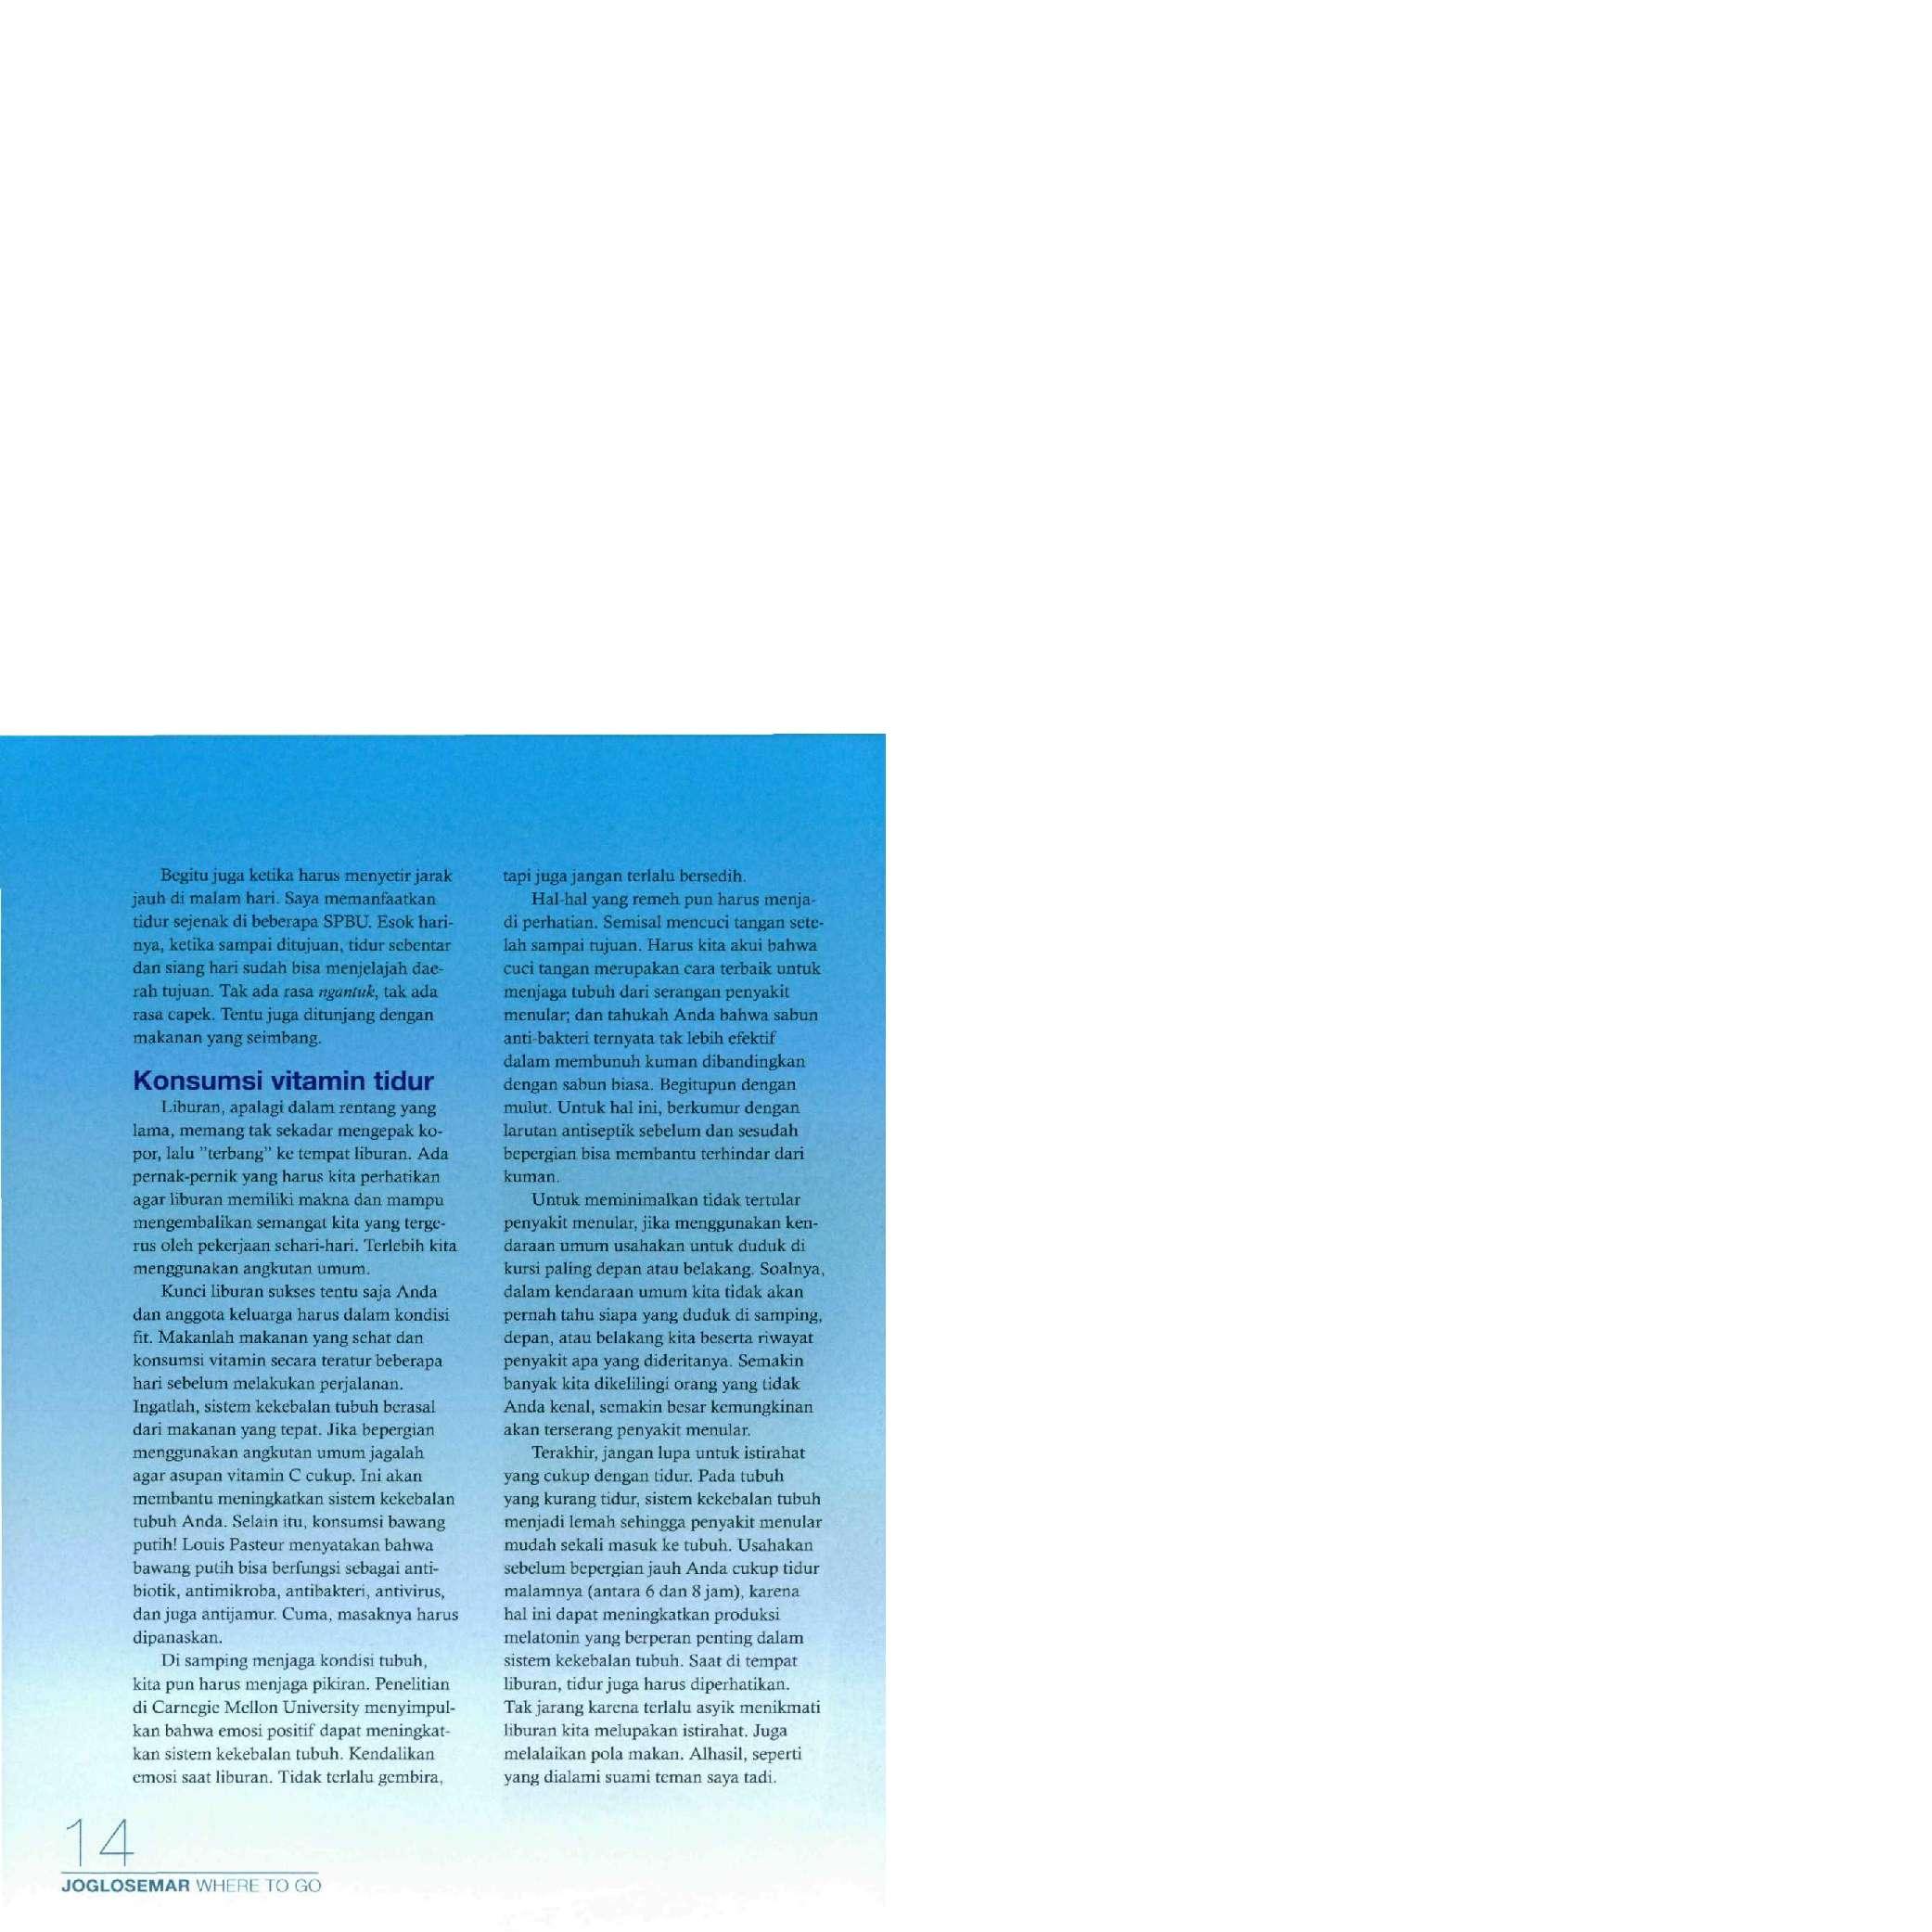 Jual Buku Where To Go Joglosemar (2011) oleh Redaksi Intisari - Gramedia Digital Indonesia